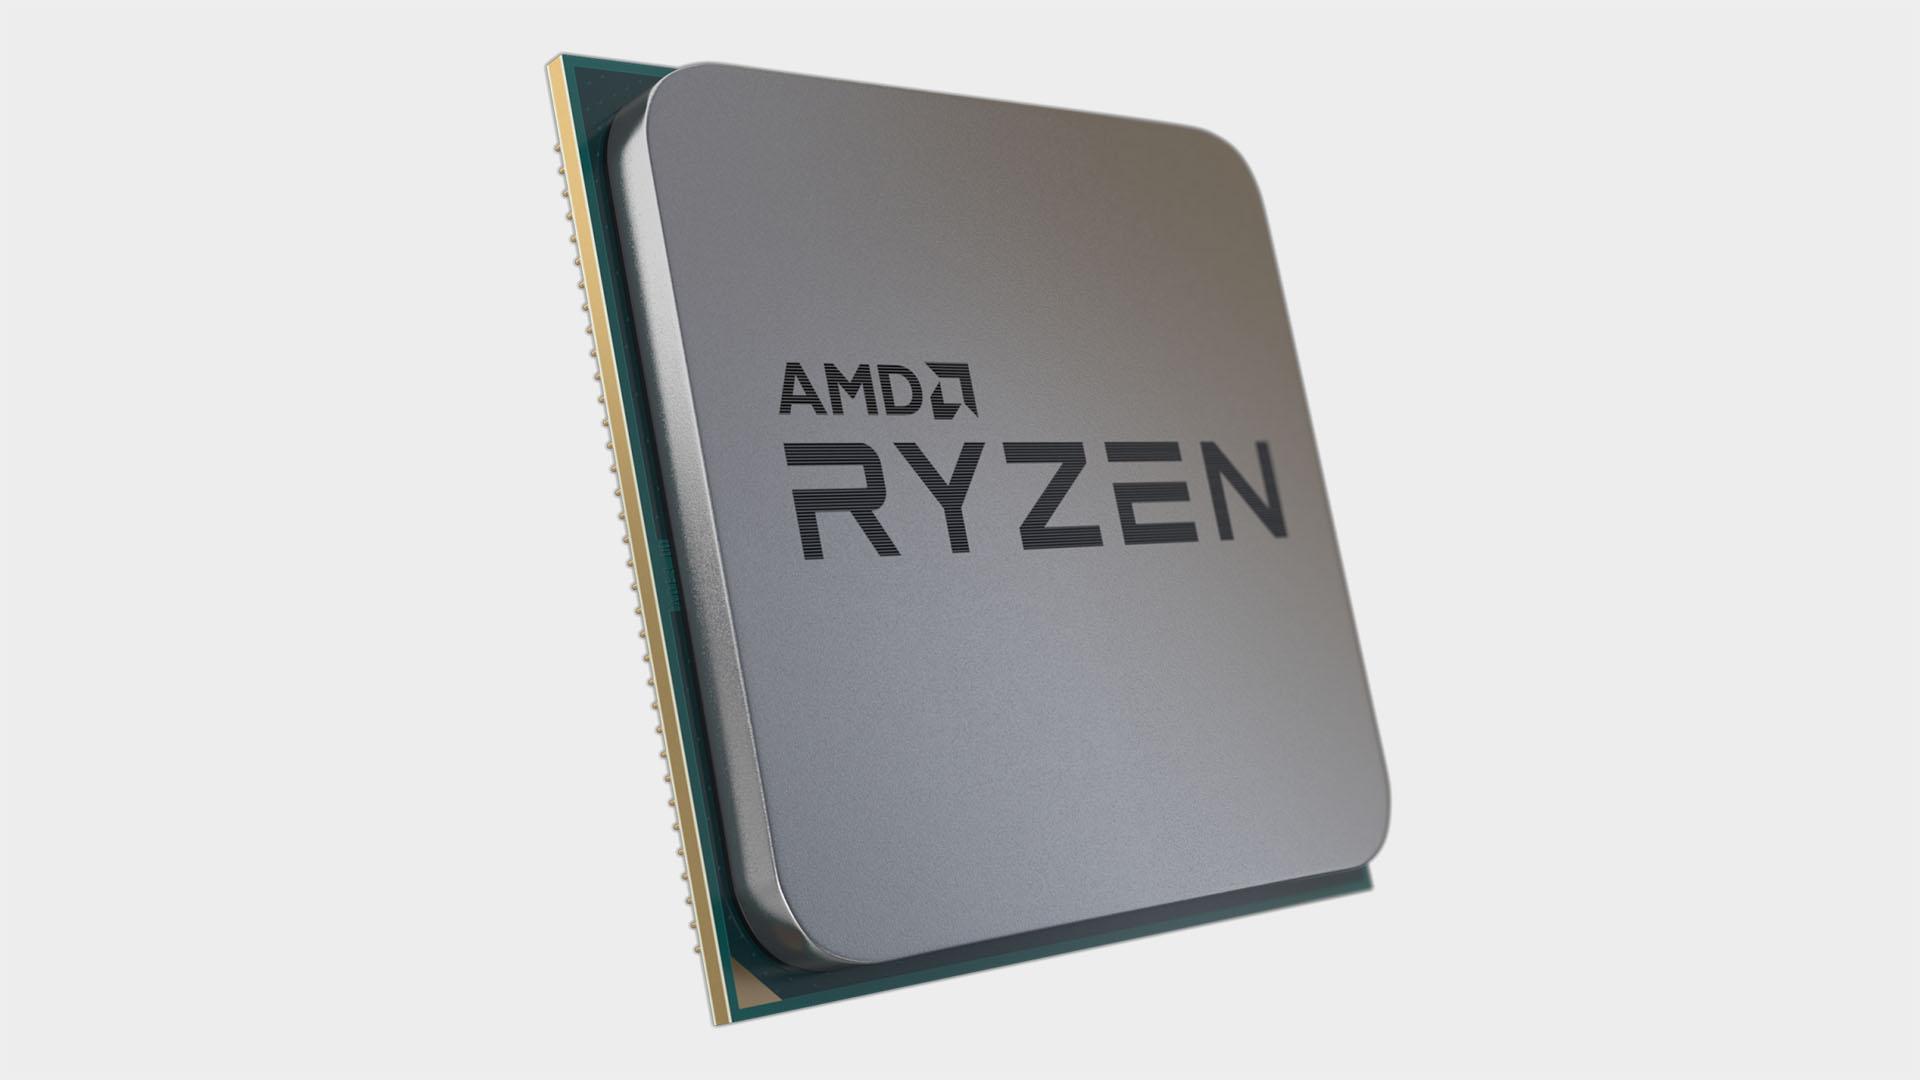 (Crédito da imagem: AMD)